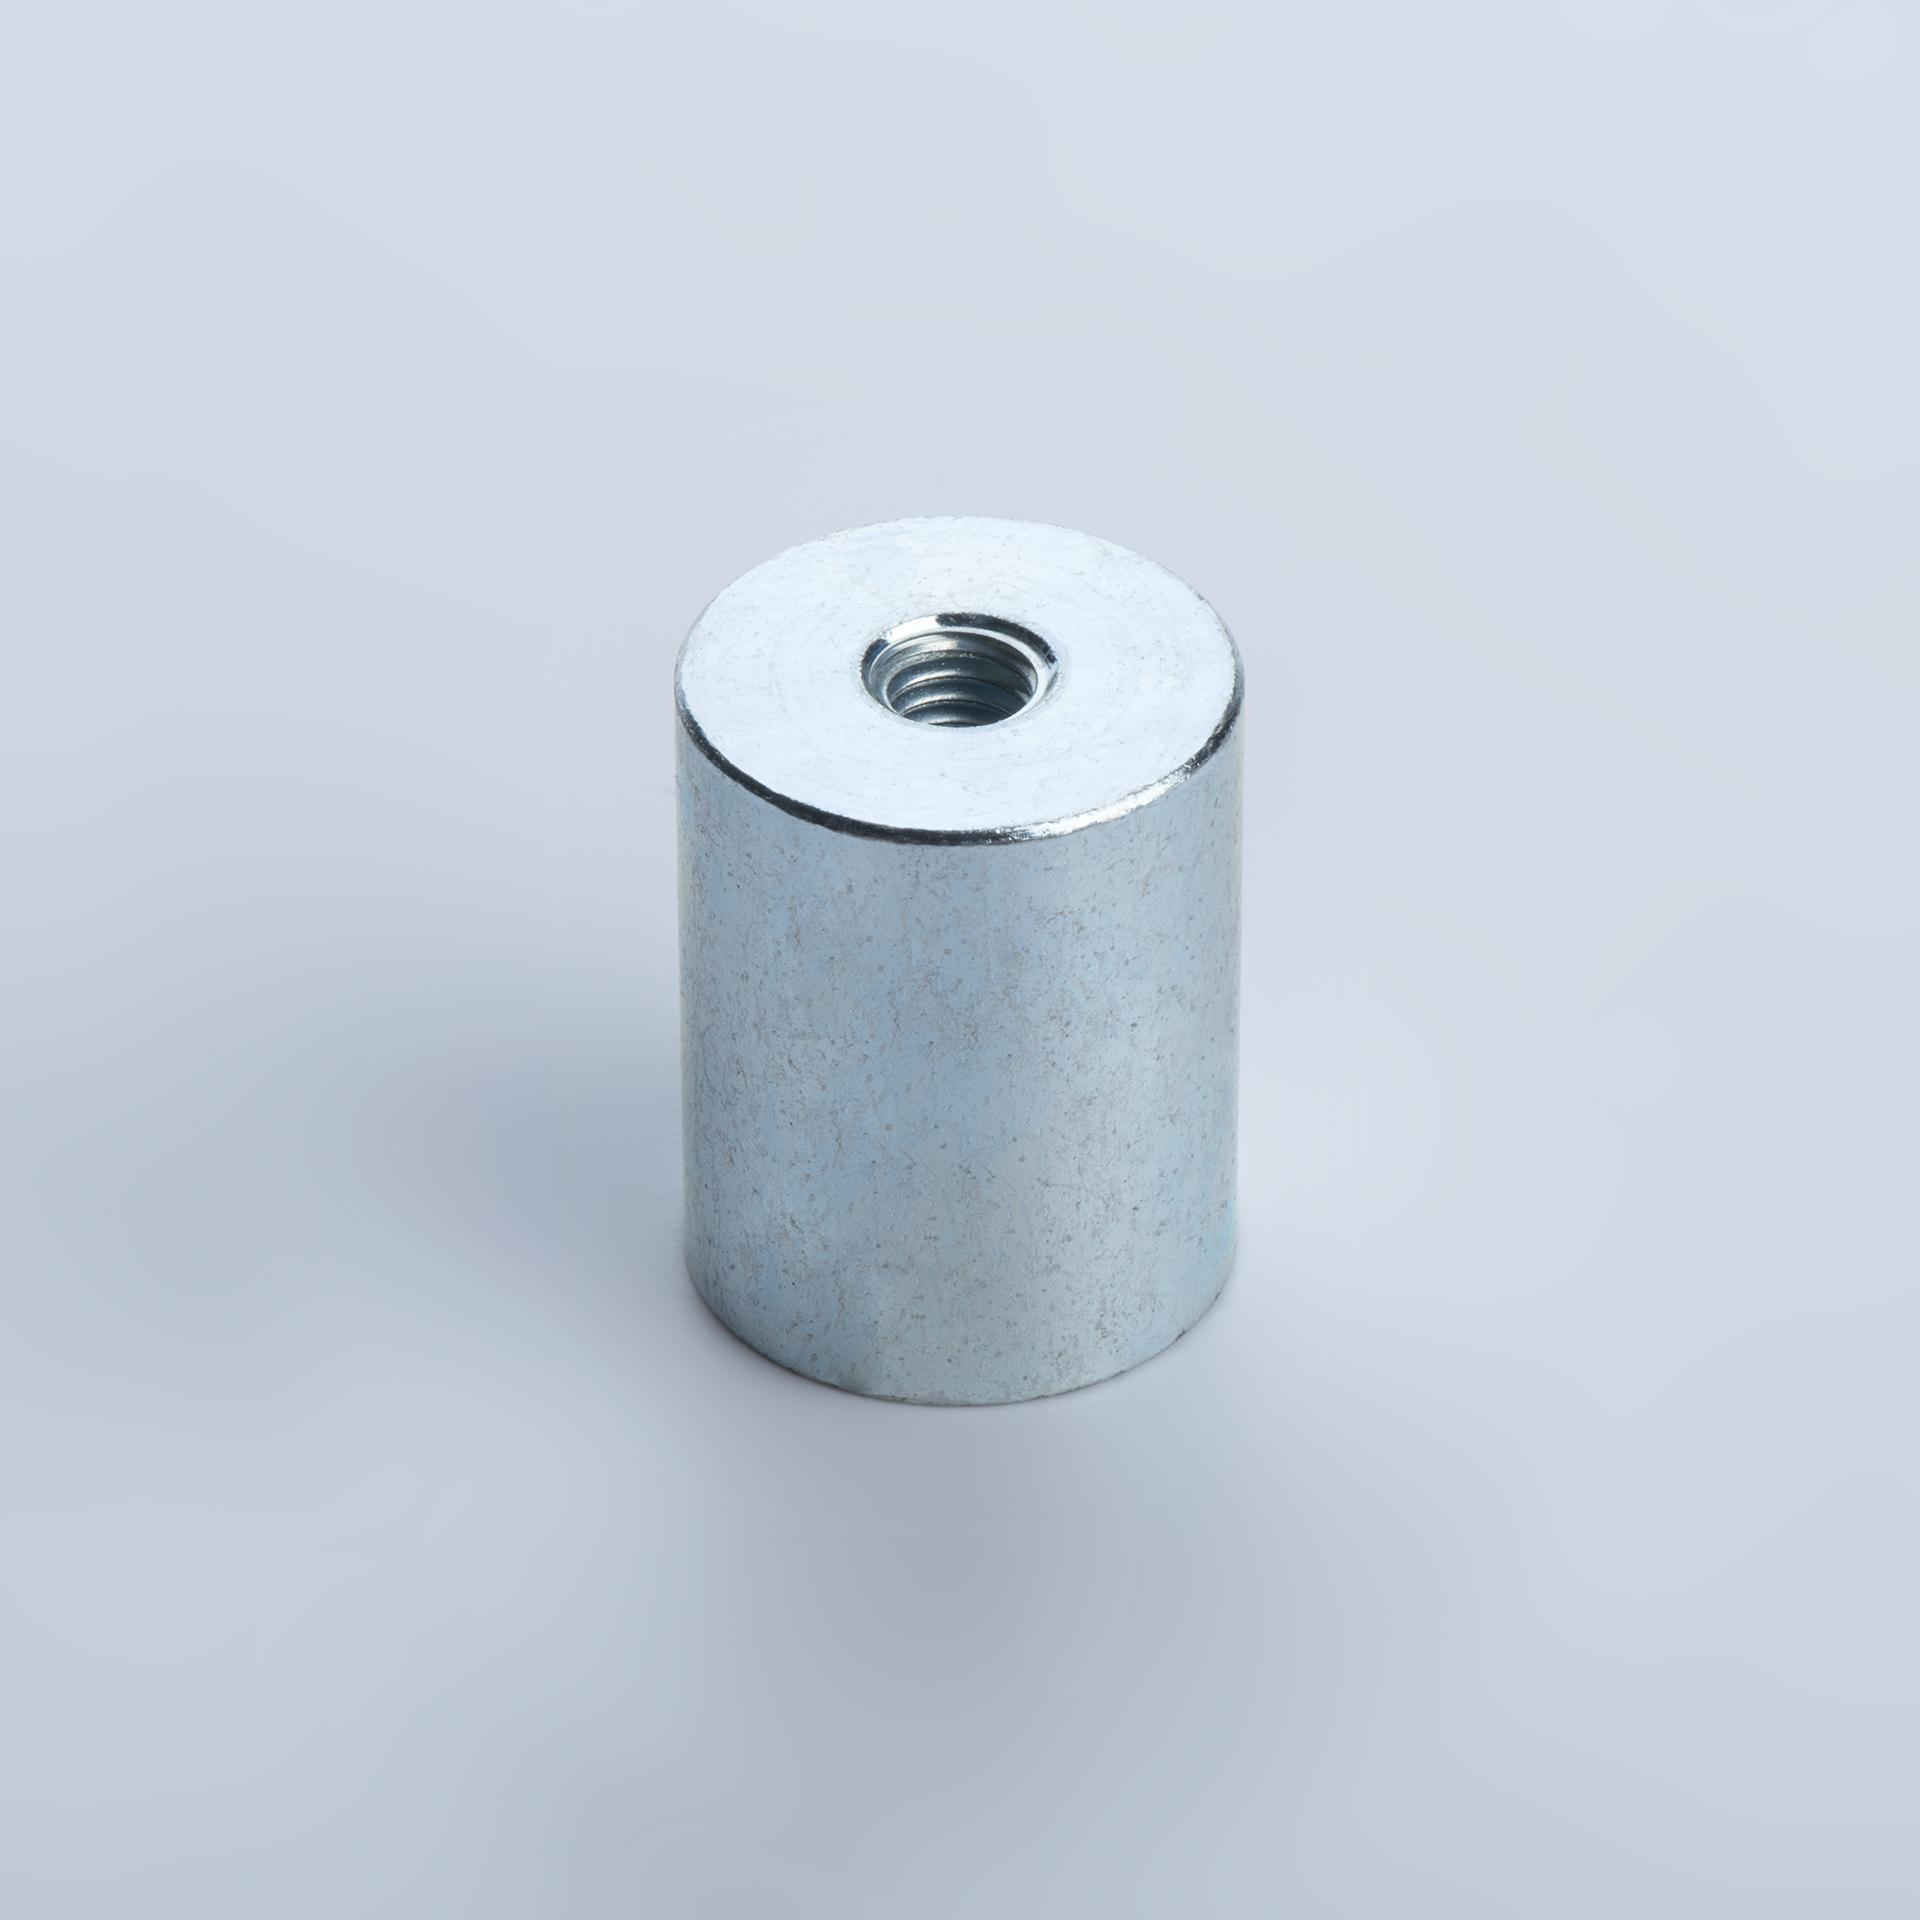 Stabgreifer aus Neodym, Stahlgehäuse mit Innengewinde, verzinkt, thyssenkrupp Magnettechnik